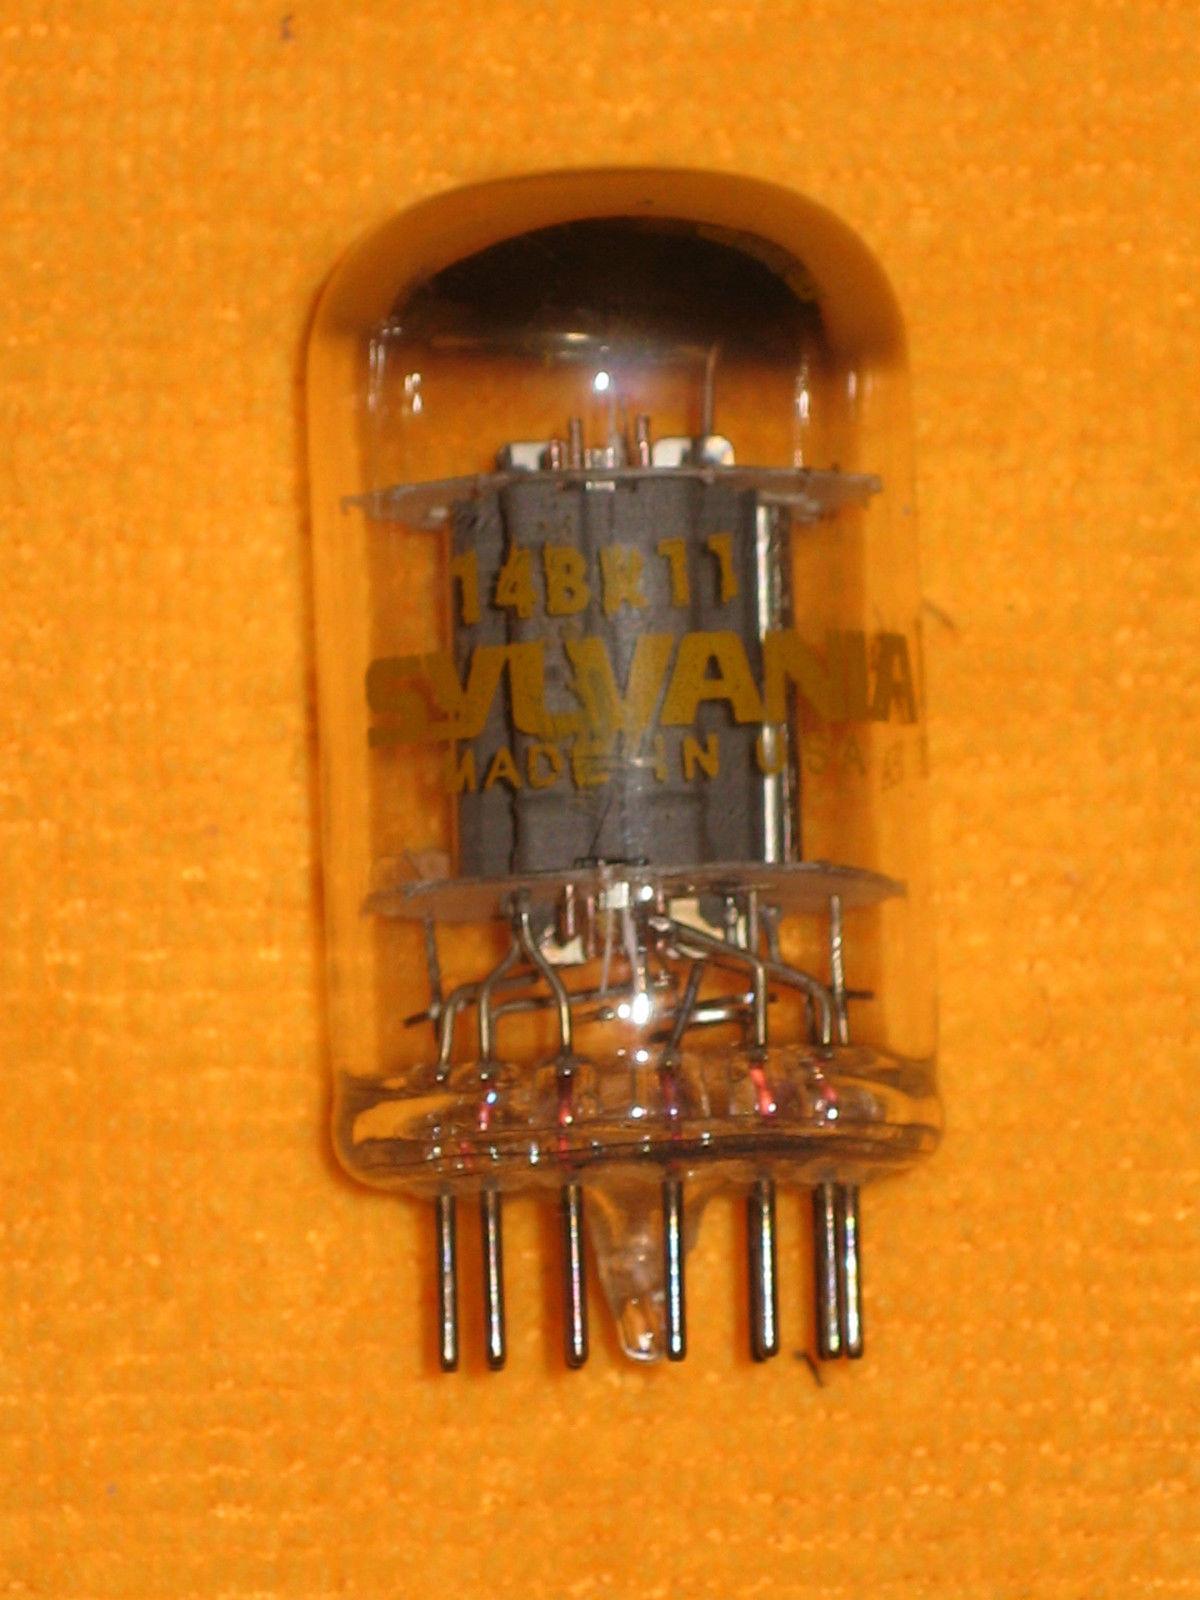 Vintage Radio Vacuum Tube (one): 14BR11 - Tested Very Good